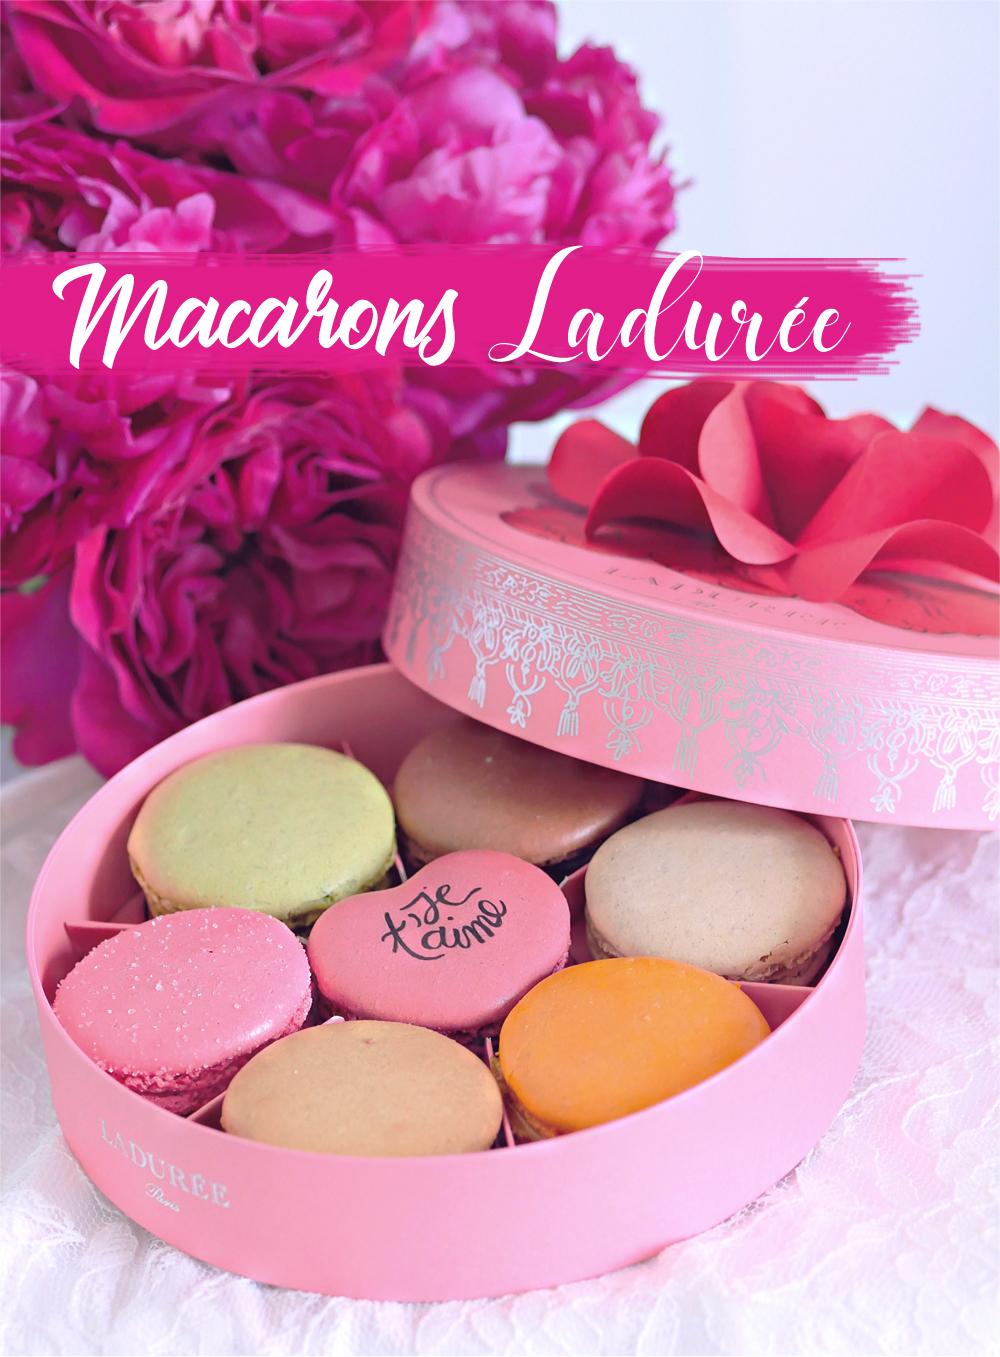 macarons-laduree-saint-valentin-2019